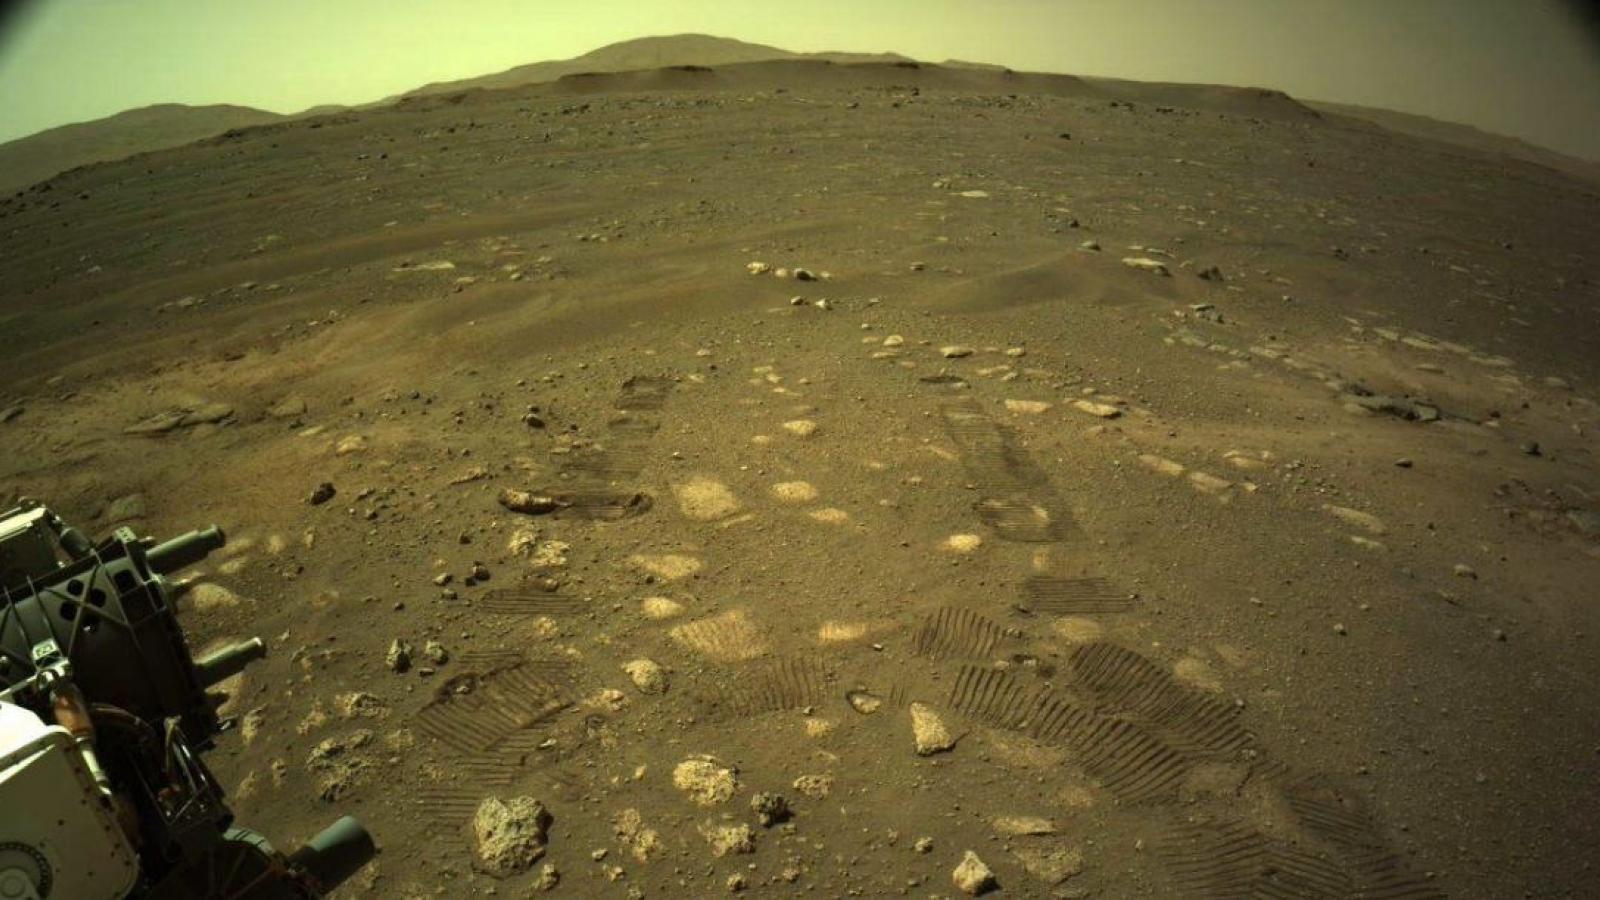 Tàu thám hiểm Perseverance lần đầu tiên di chuyển thử nghiệm trên sao Hỏa